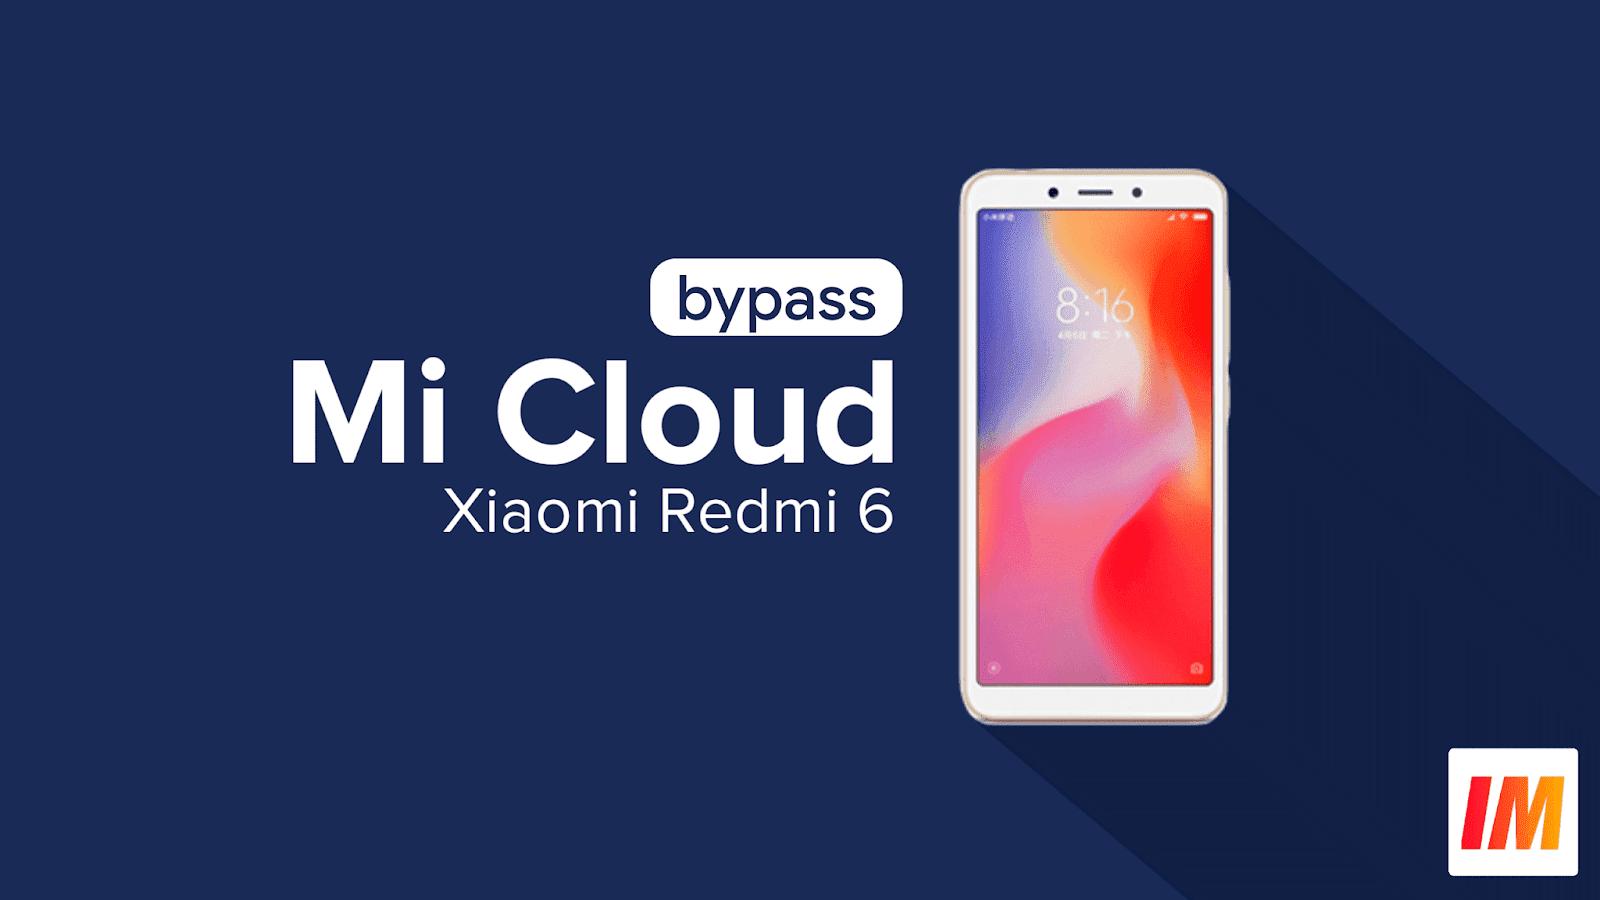 Cara Bypass Mi Cloud Xiaomi Redmi 6 ( Cereus ) Free 100%